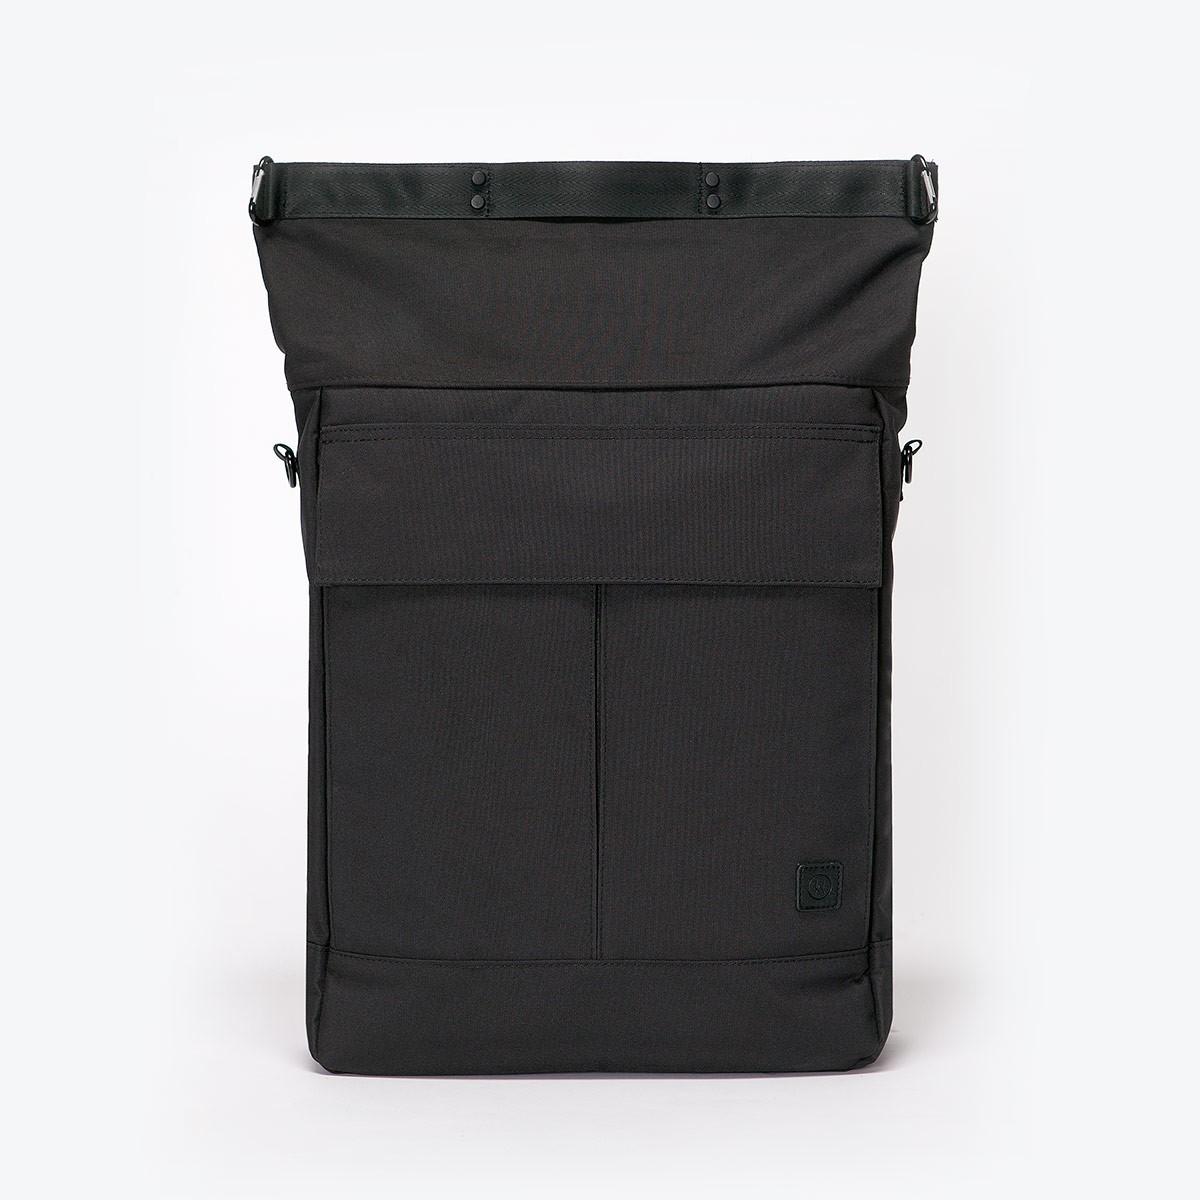 Batoh i taška přes rameno Ucon Acrobatics Declan 15'' černý - limitovaná série Stealth